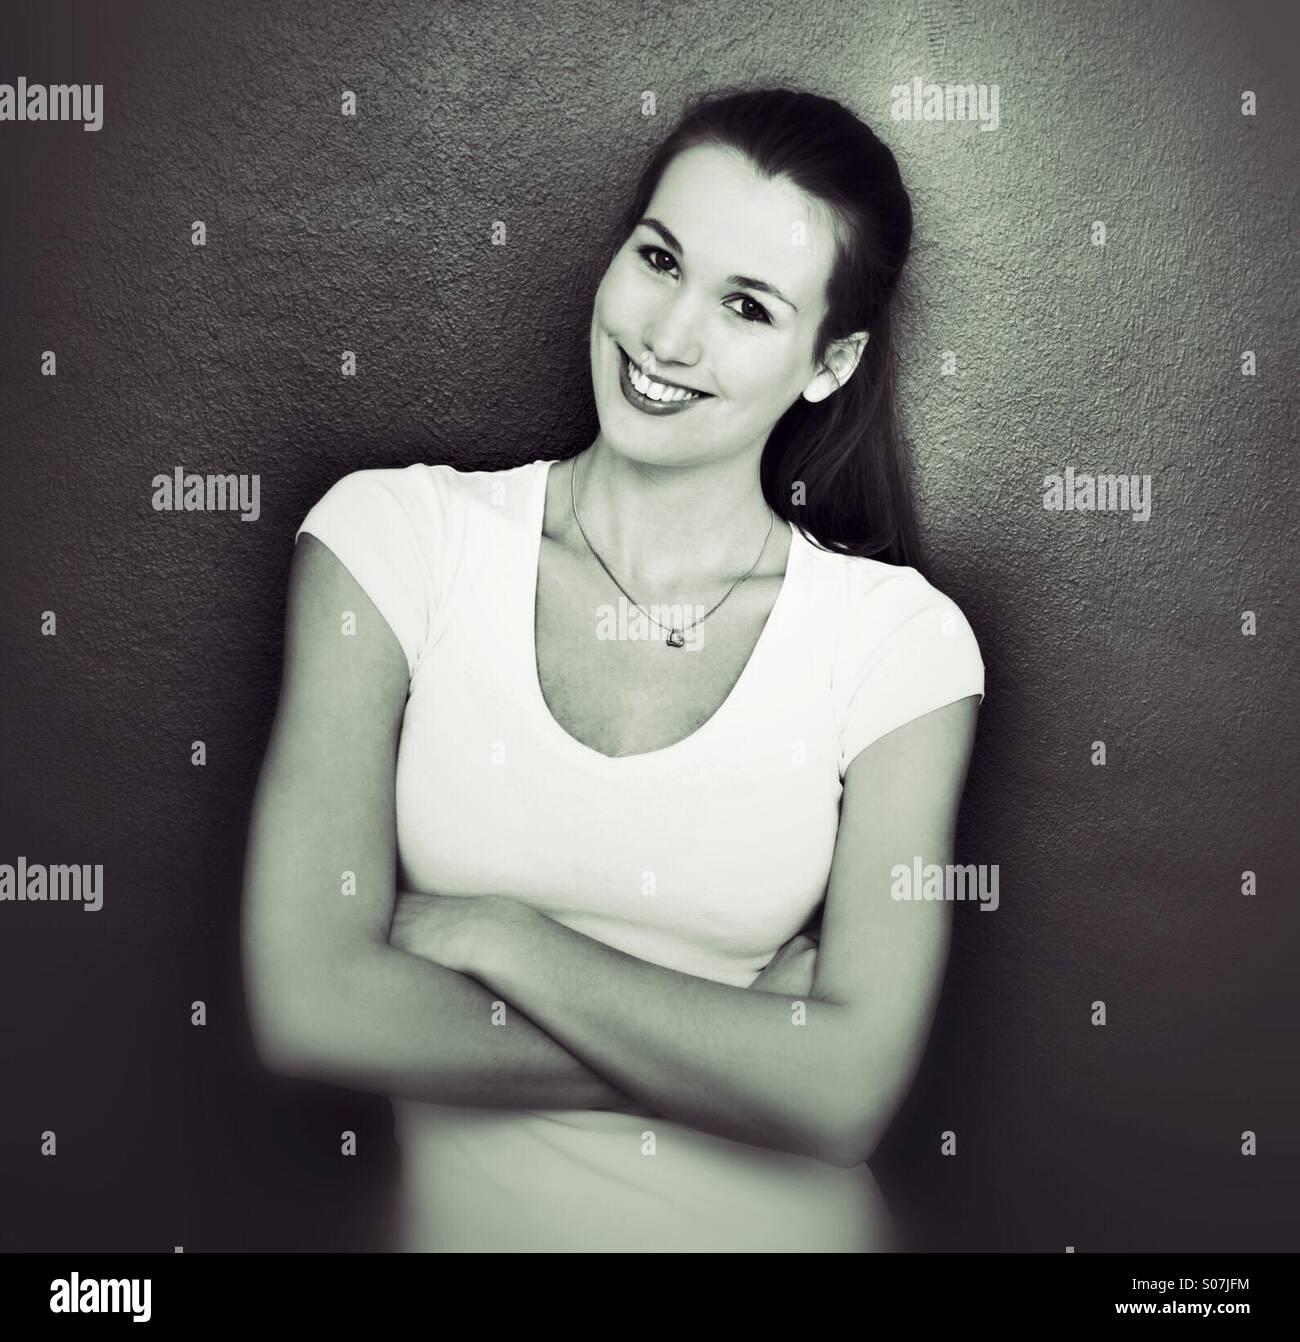 Atractiva mujer joven Imagen De Stock